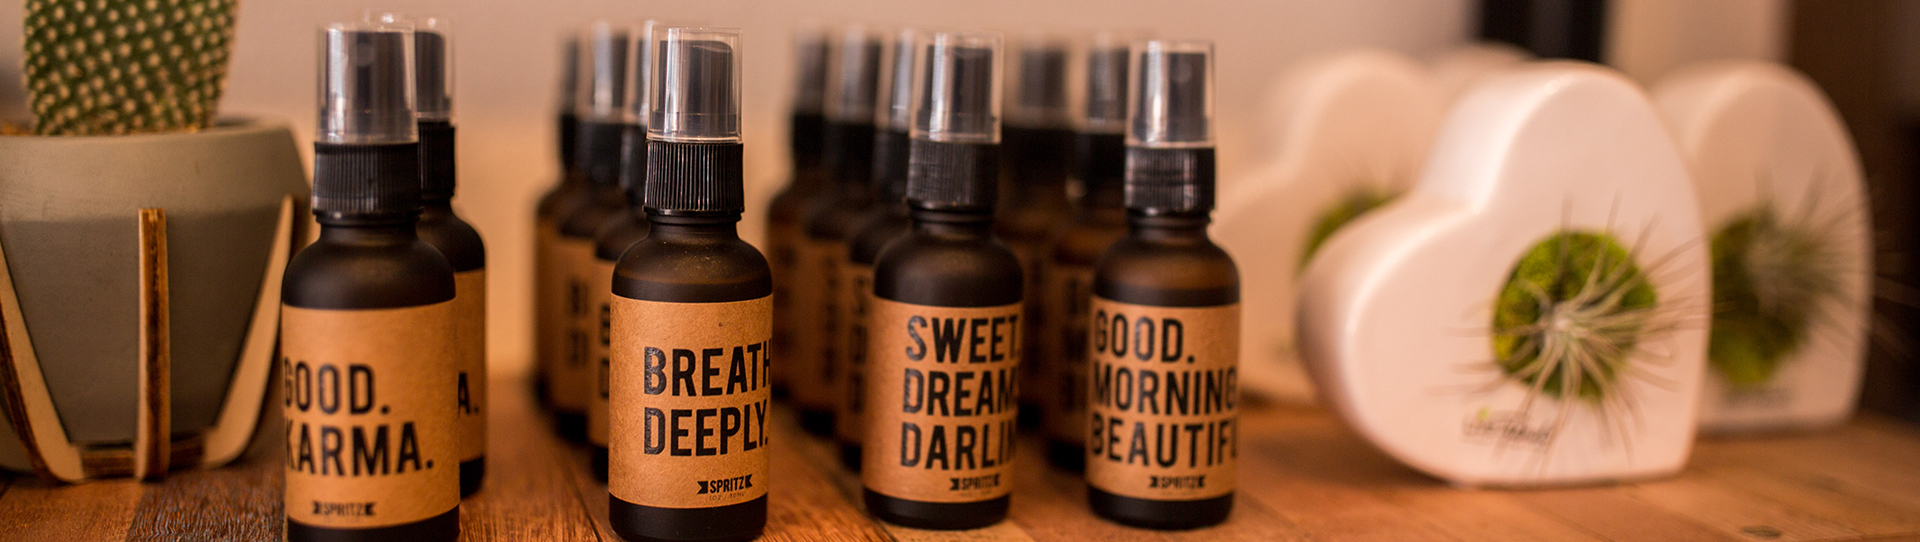 aromatic sprays